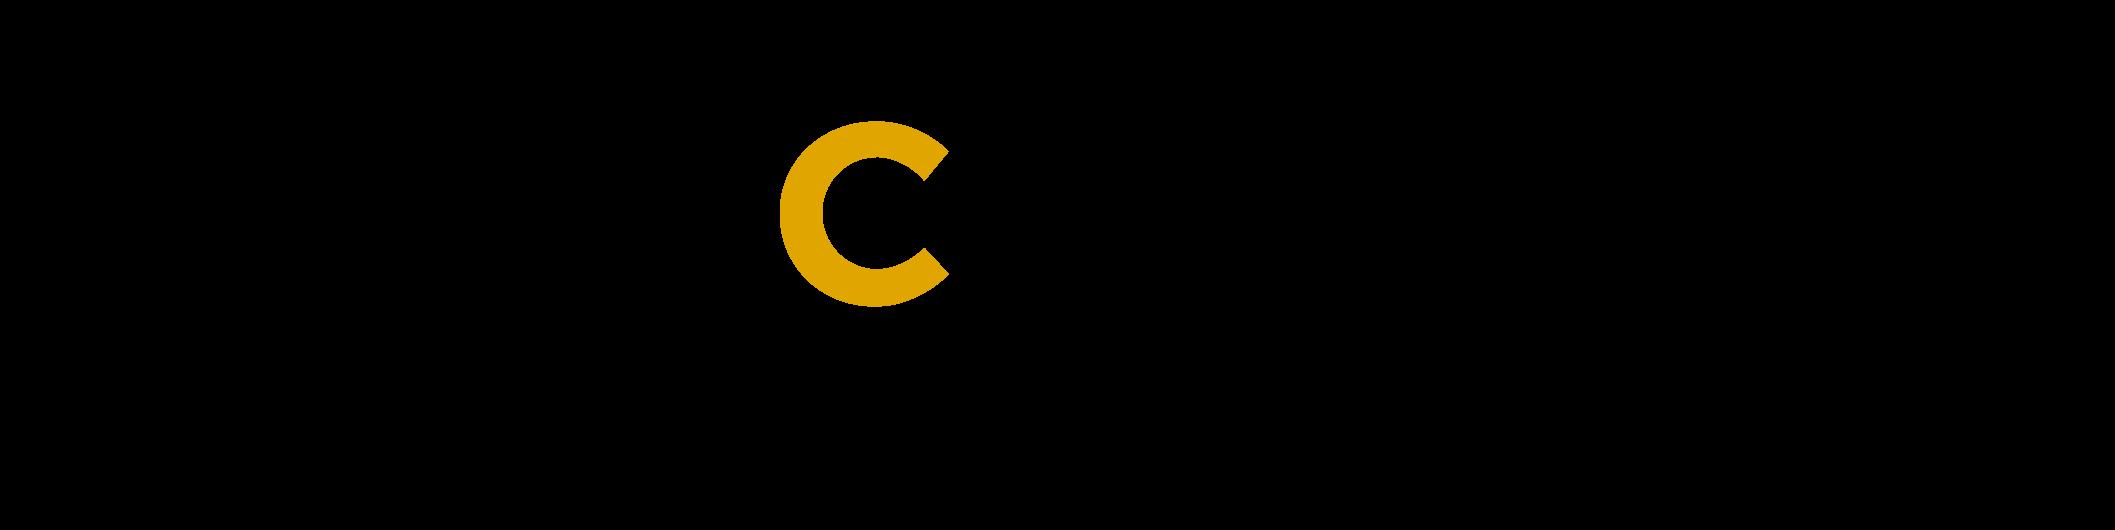 c_abc_rendicioncuentas.png